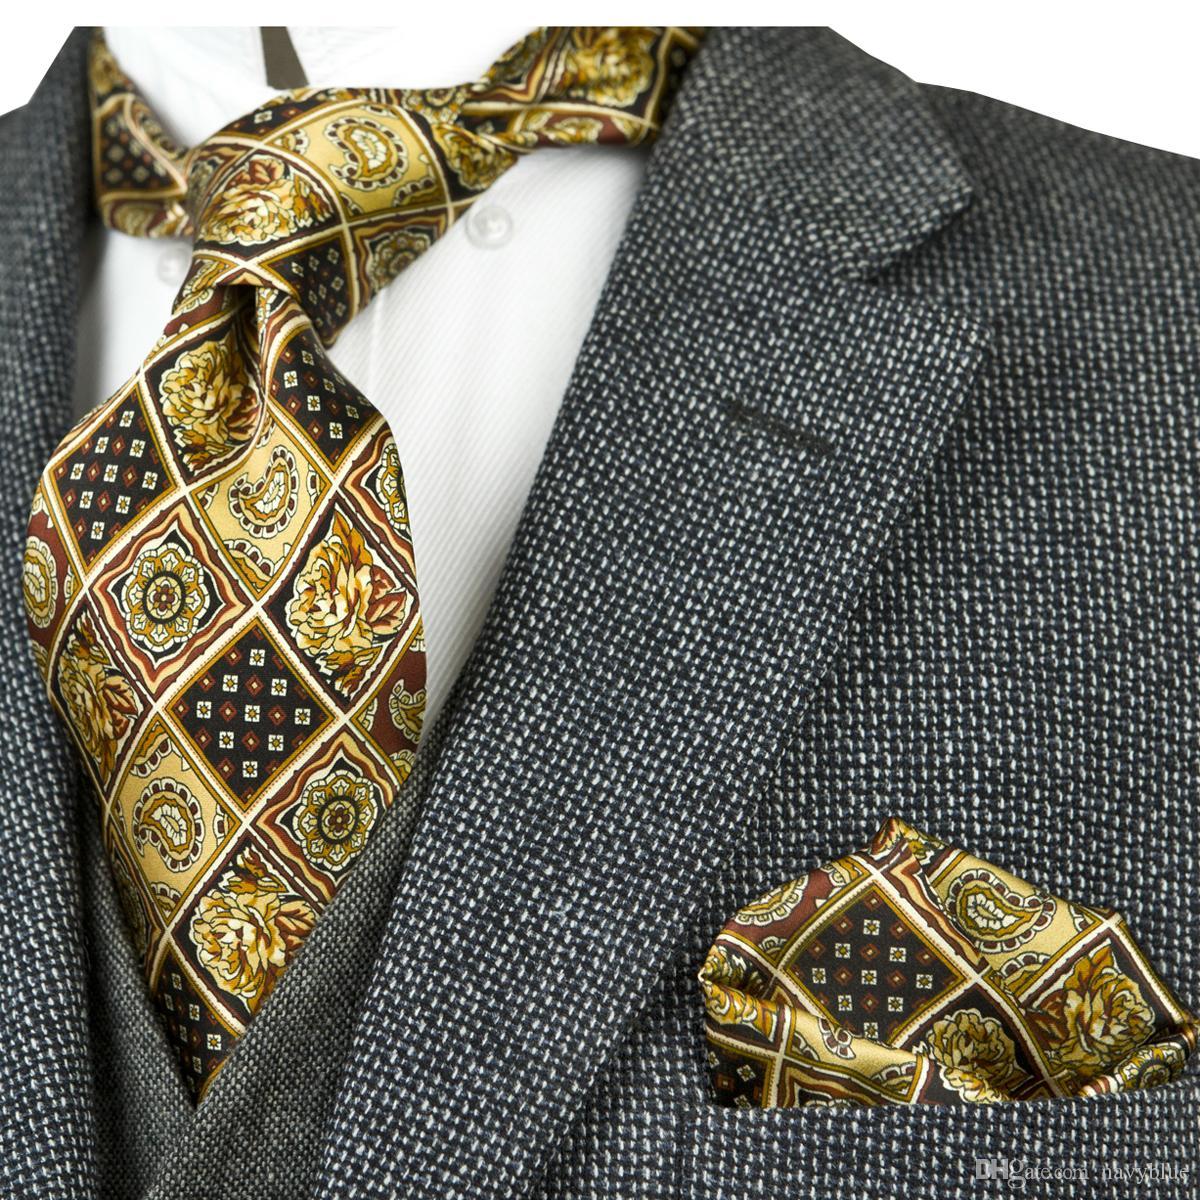 Stampato Vintage Ties Motivo floreale multicolore 100% Imposta seta Mens Cravatte stampa Tie 10cm di modo brandnew casuale convenzionale festa di nozze